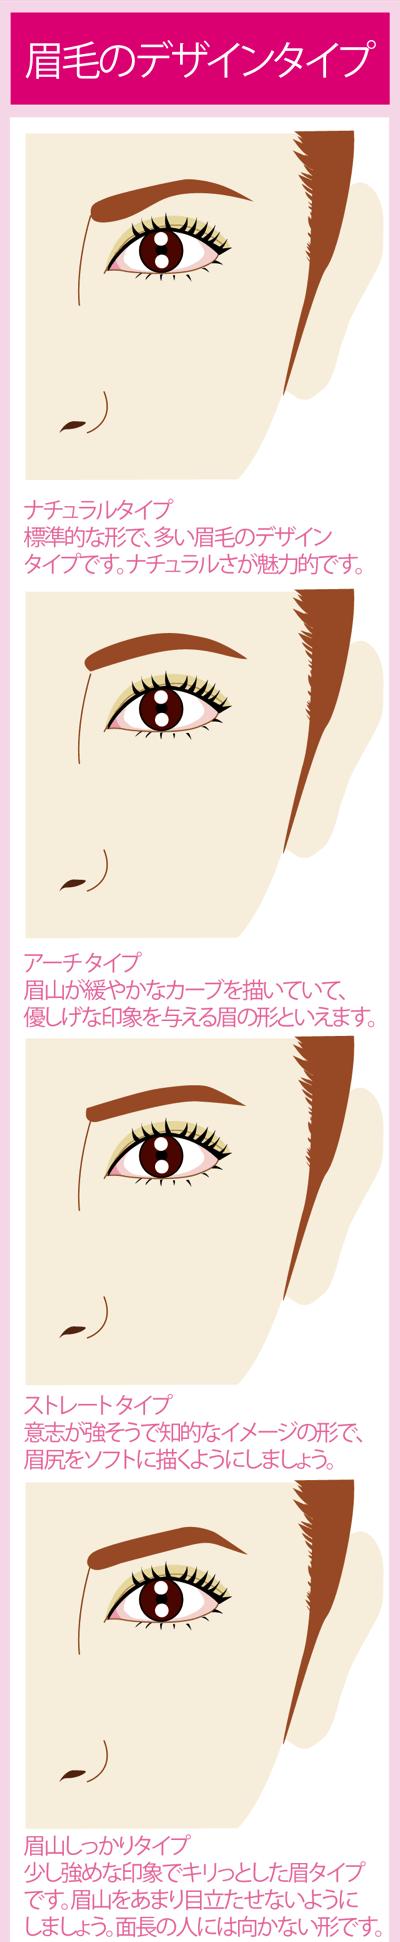 眉毛の形でイメージが変わる!美眉スタイリング1